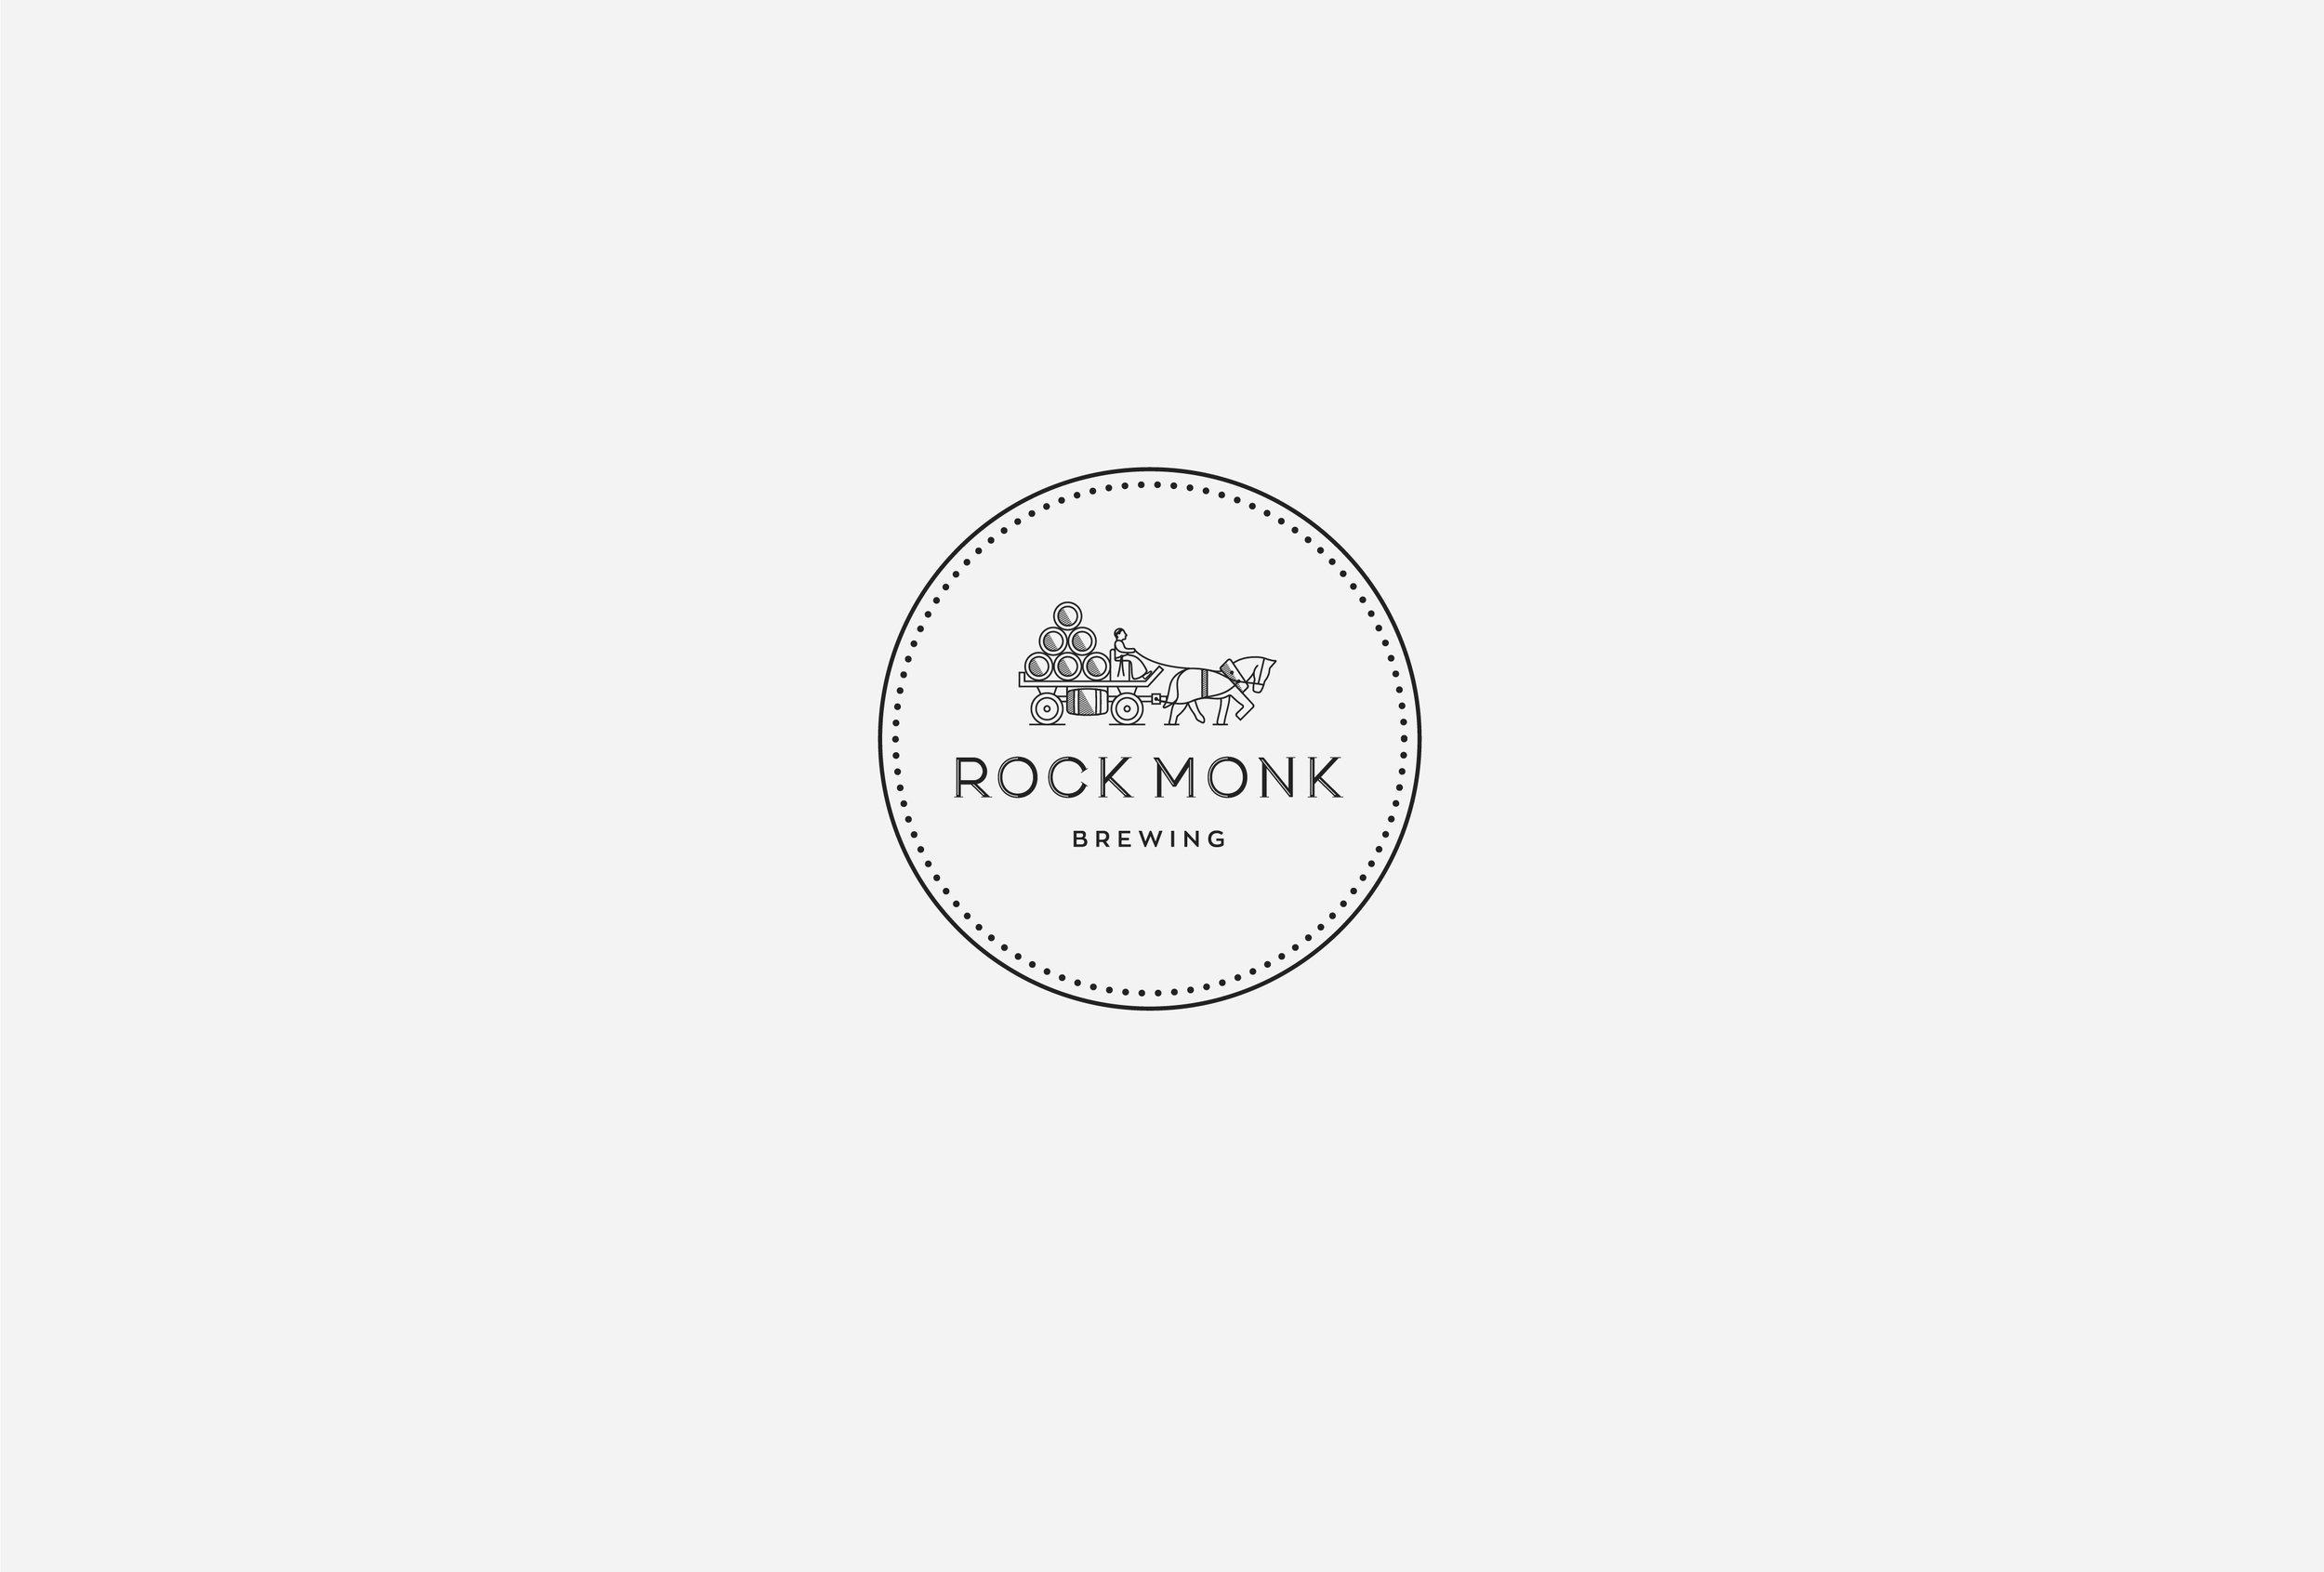 Logo-mark-design-branding-01.jpg